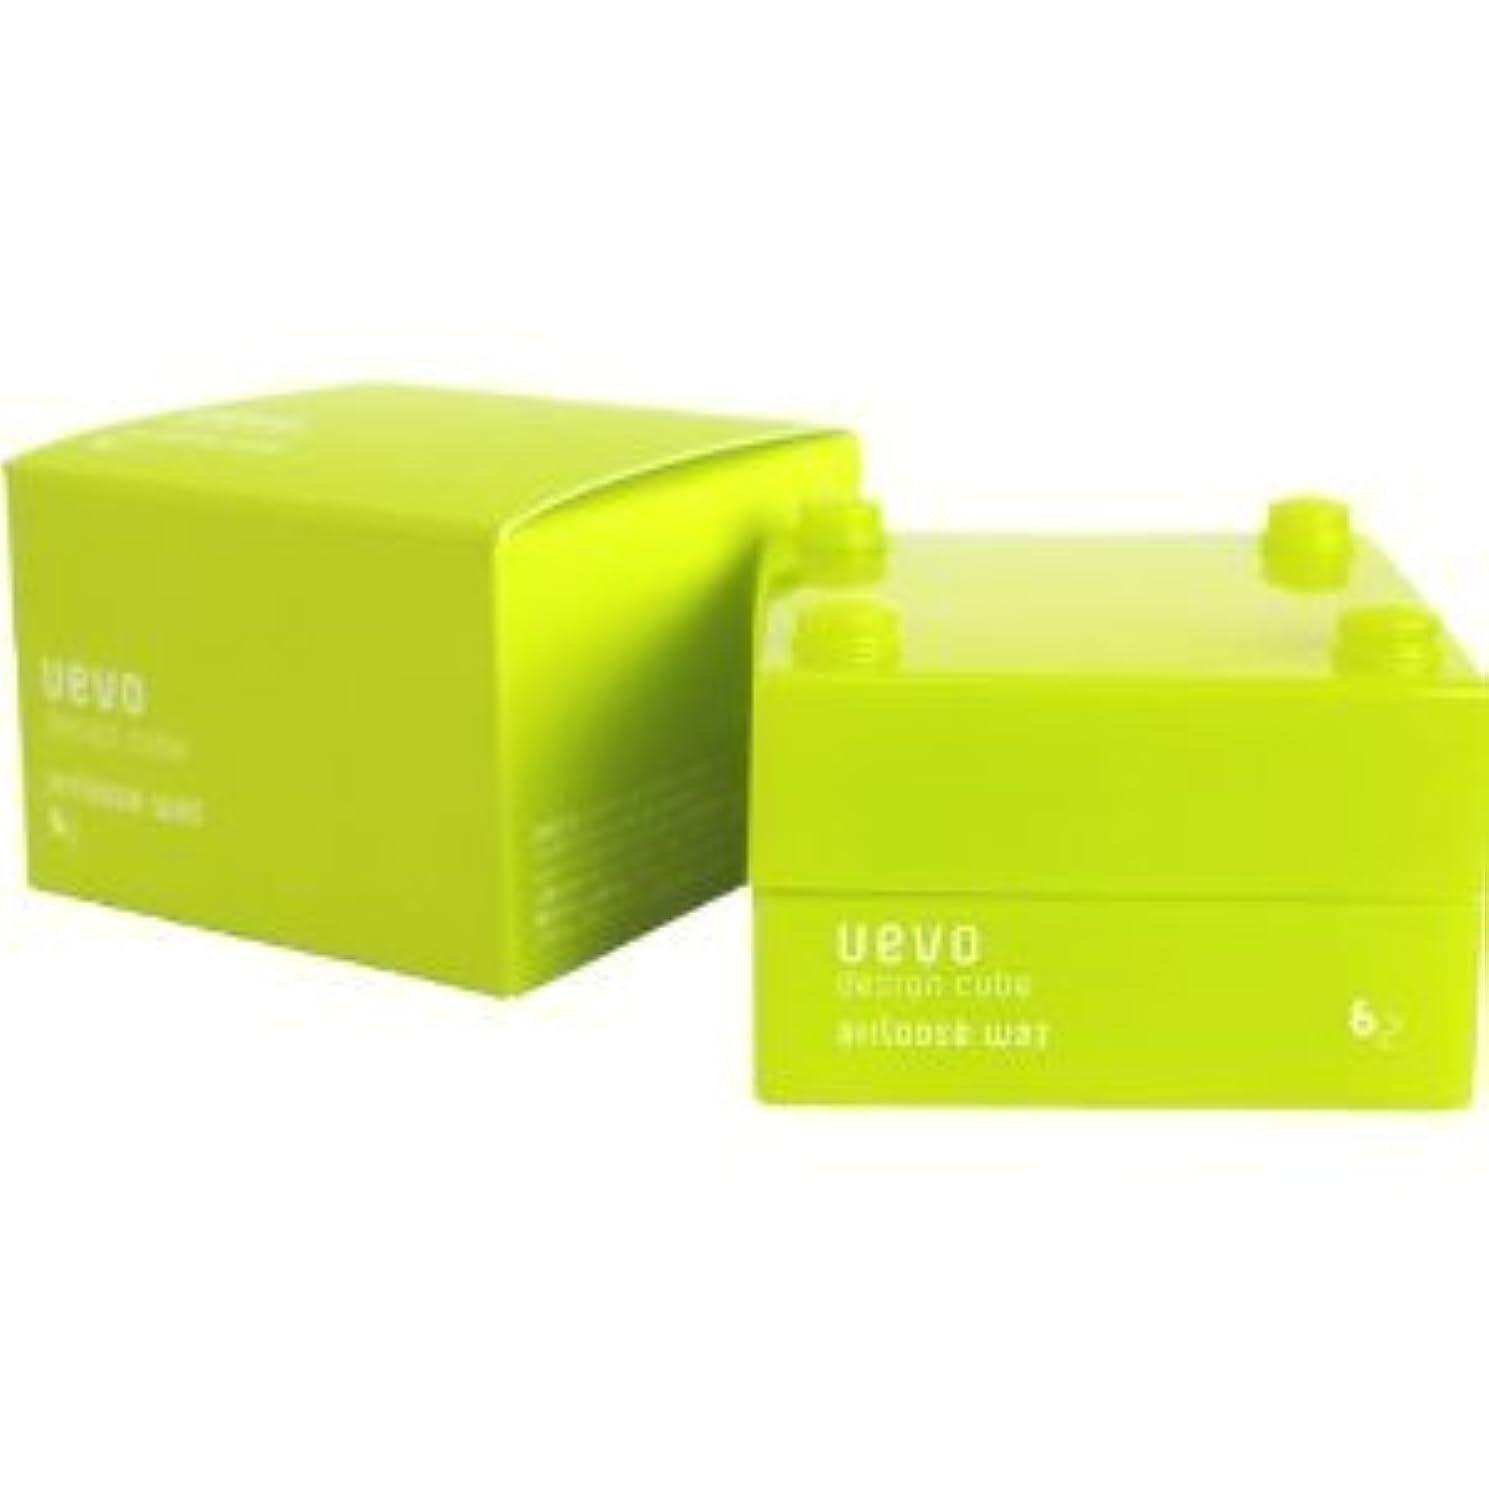 クランシーマウスアクション【X3個セット】 デミ ウェーボ デザインキューブ エアルーズワックス 30g airloose wax DEMI uevo design cube